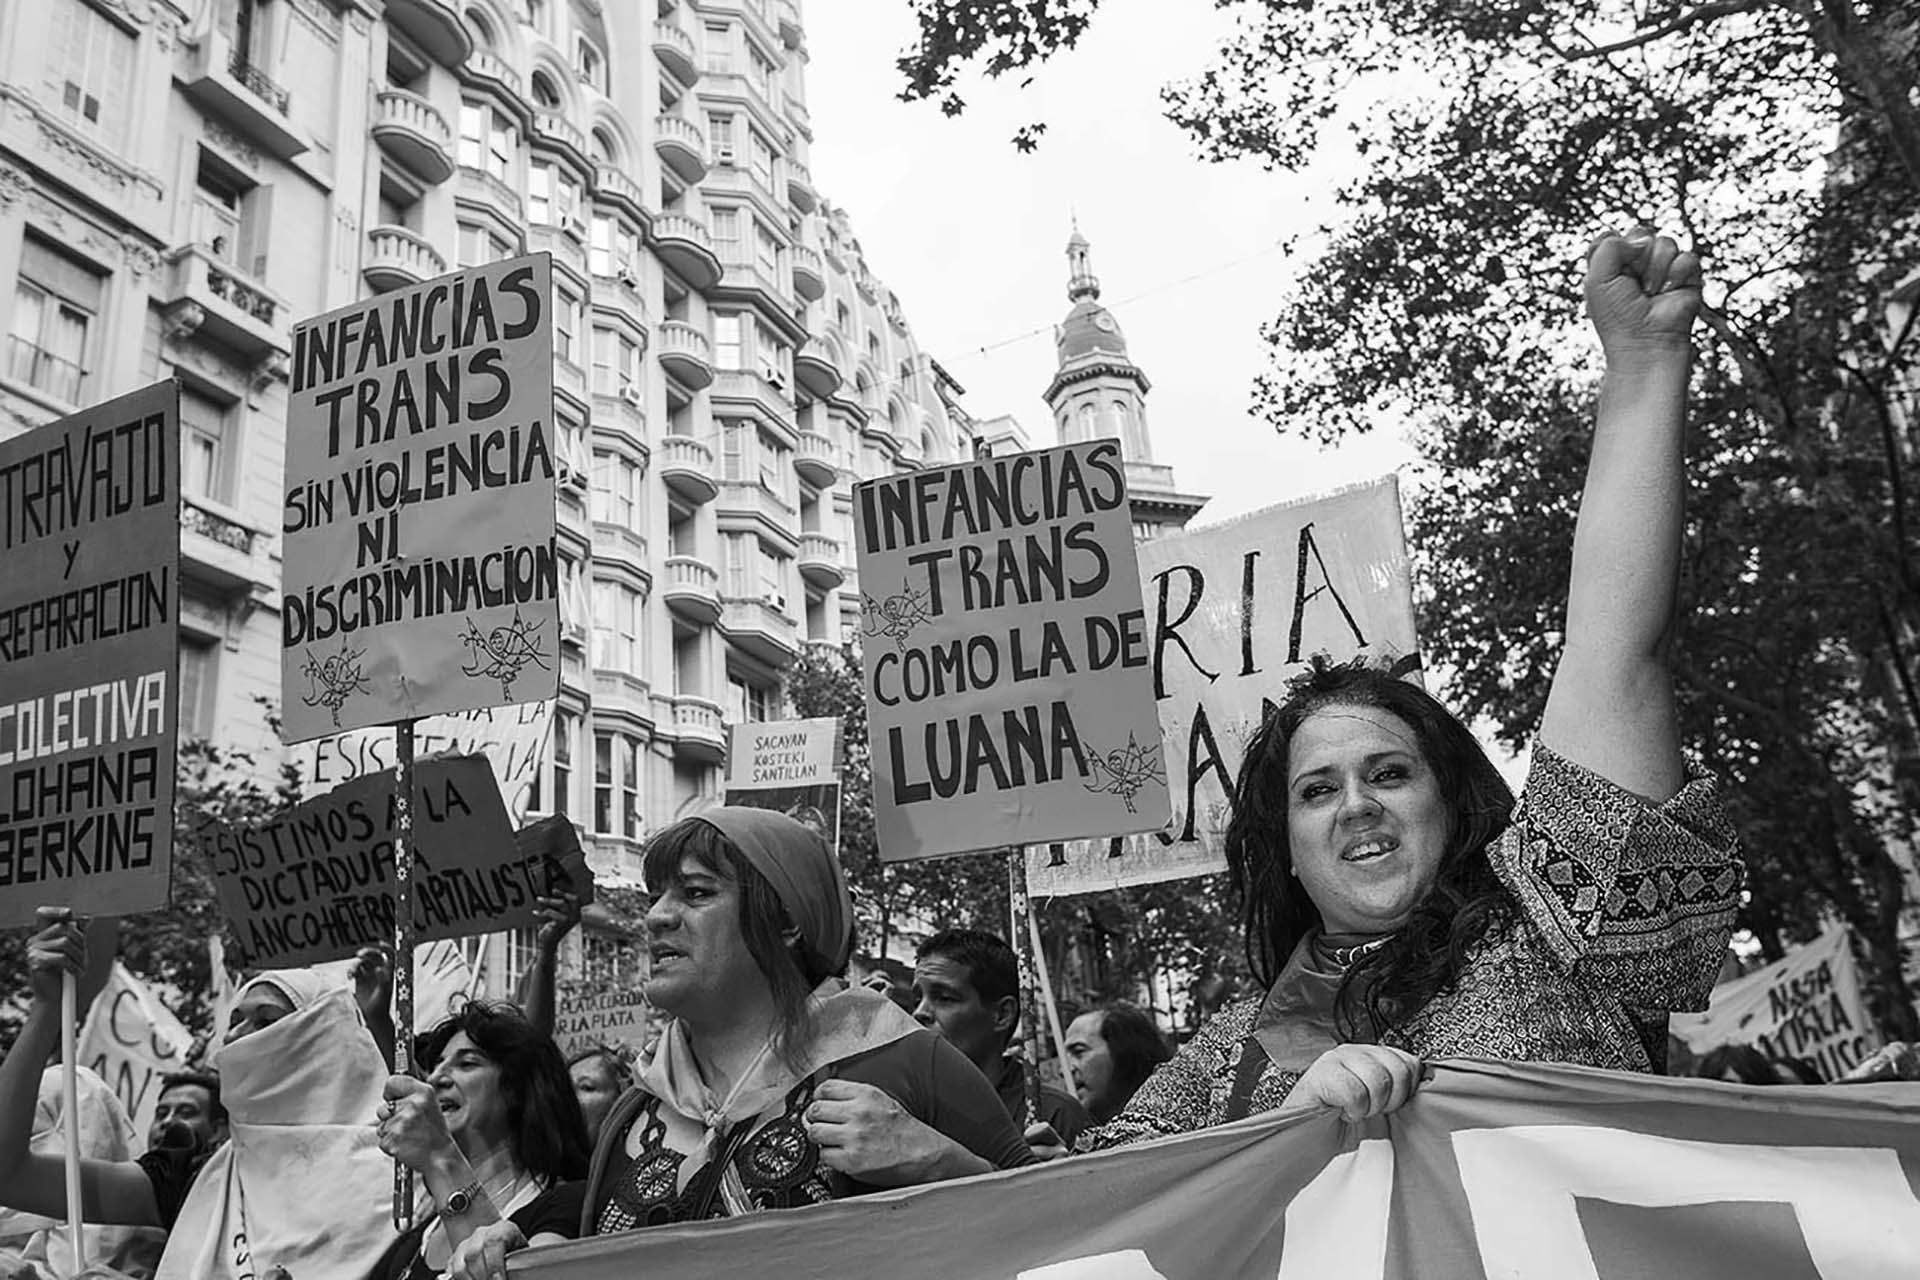 Florencia Guimaraes encabezando una manifestación